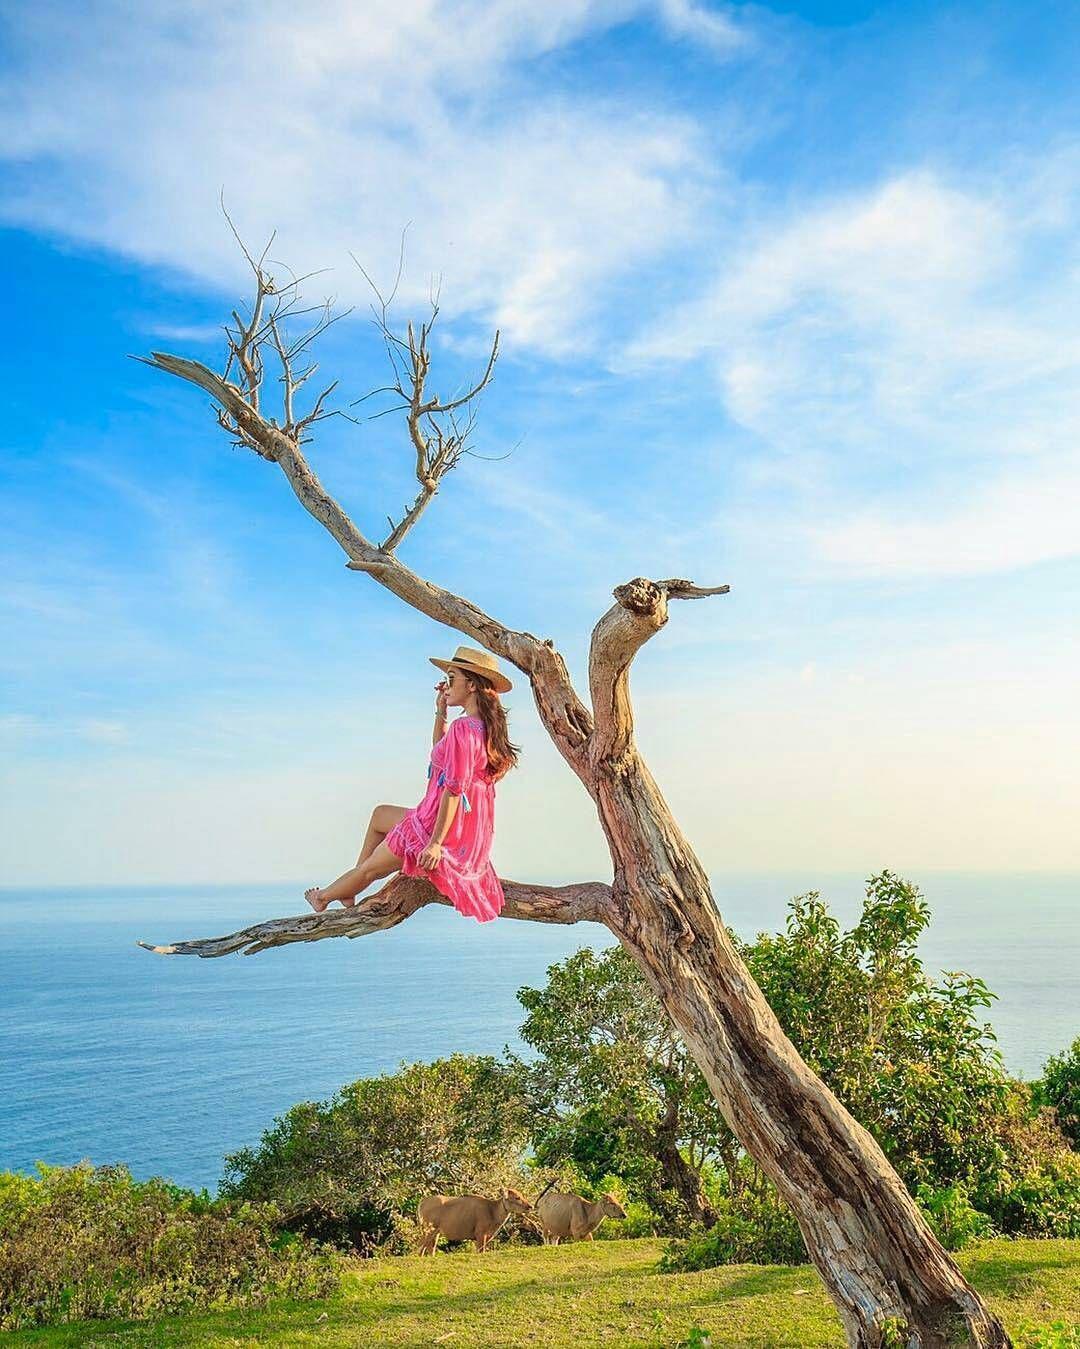 Ellchintya Banyak Tempat Wisata Di Bali Yang Bisa Kamu Kunjungi Mulai Dari Pantai Gunung Danau Dan Masih Banyak Lainnya Nam Bali Instagram Outdoor Decor